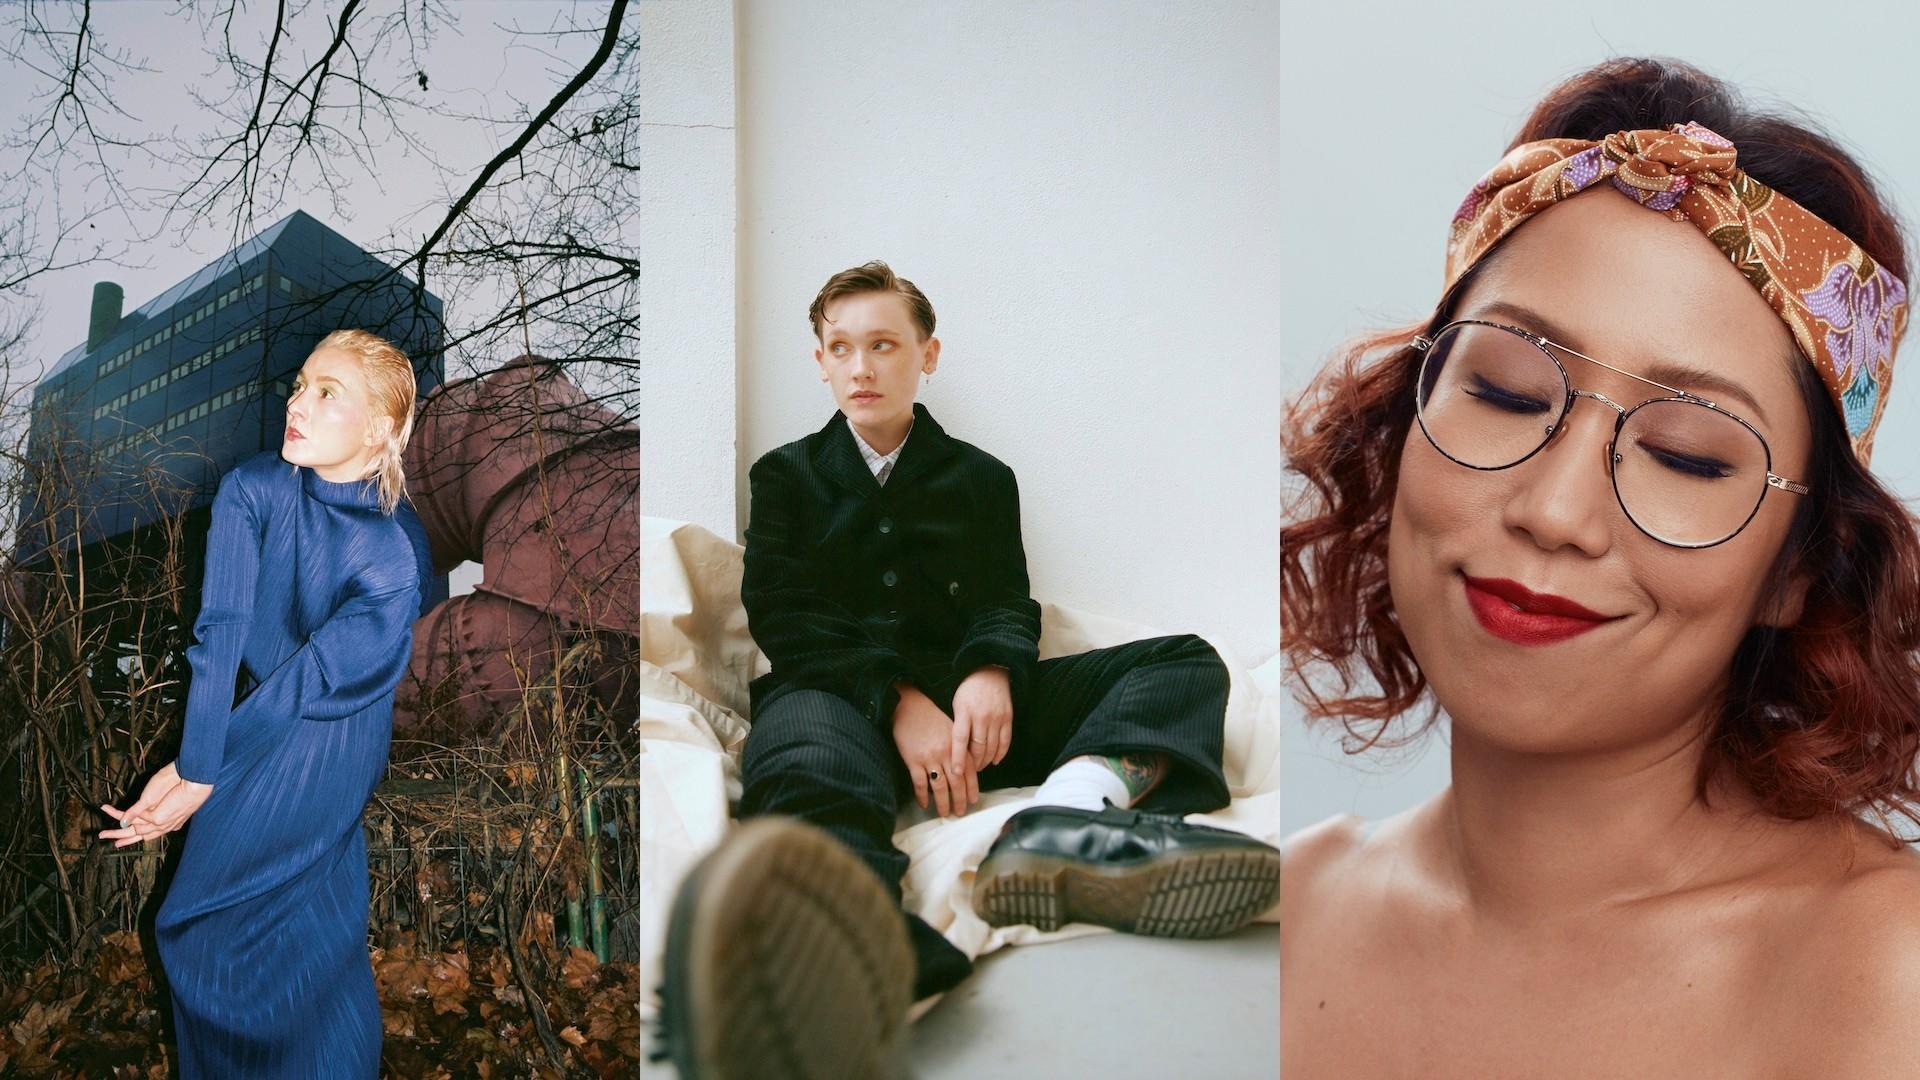 Interview: Cate Le Bon, Soak and Vandetta